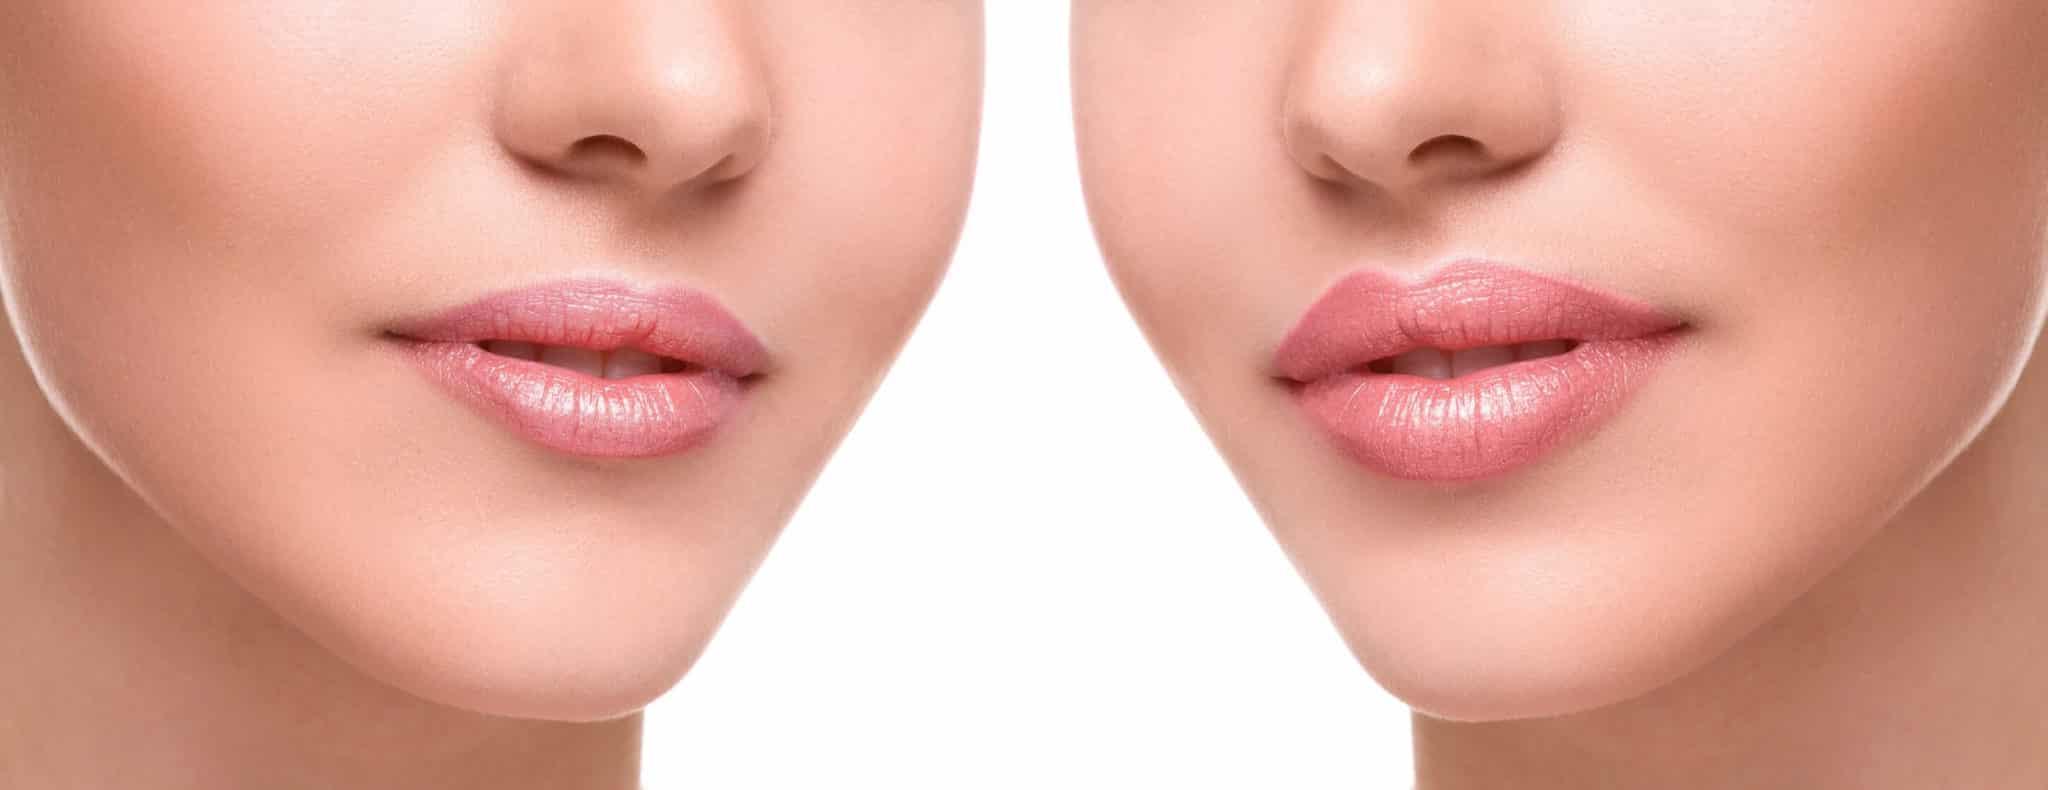 Гиалуроновые филлеры для губ